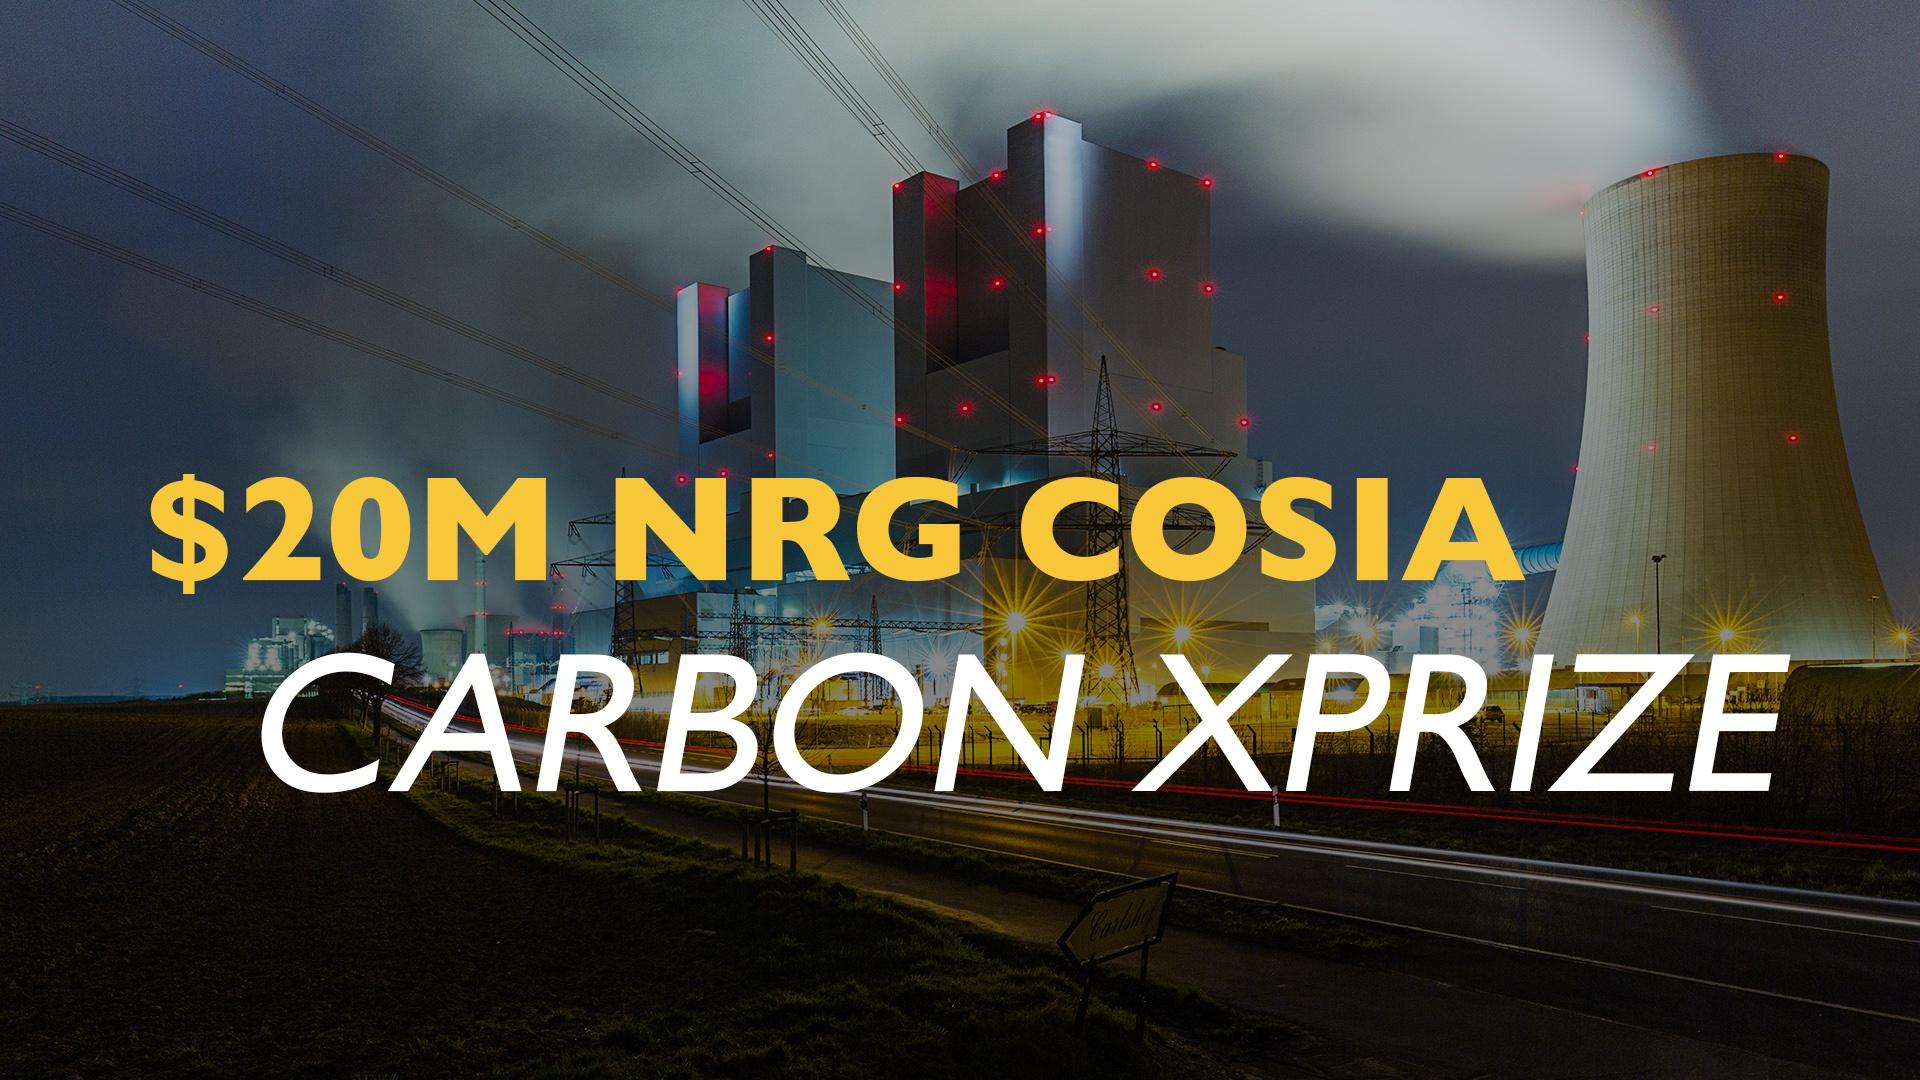 Carbon Xprize